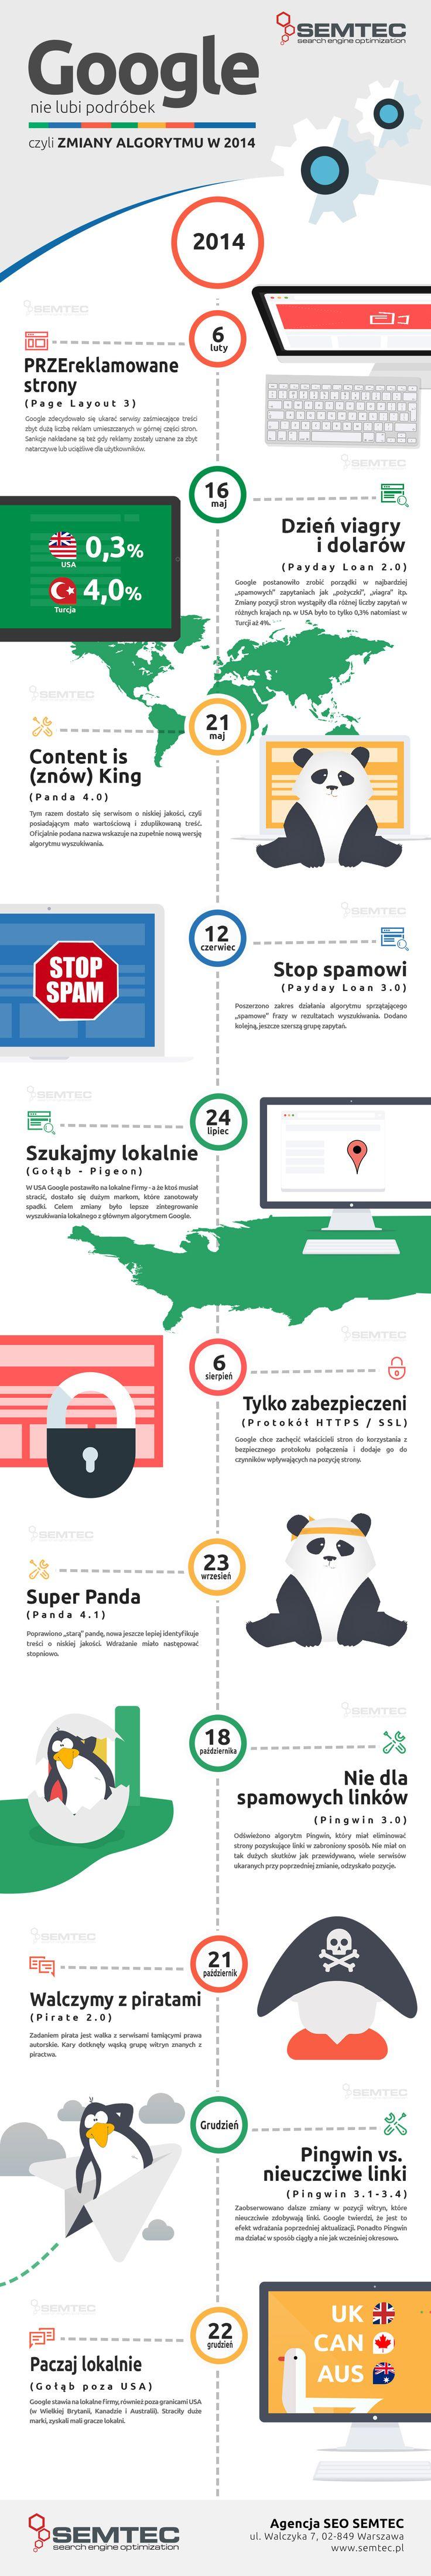 Podsumowanie najważniejszych zmian w algorytmie #Google w 2014 r.  #infografika #googlealgorithm #seo